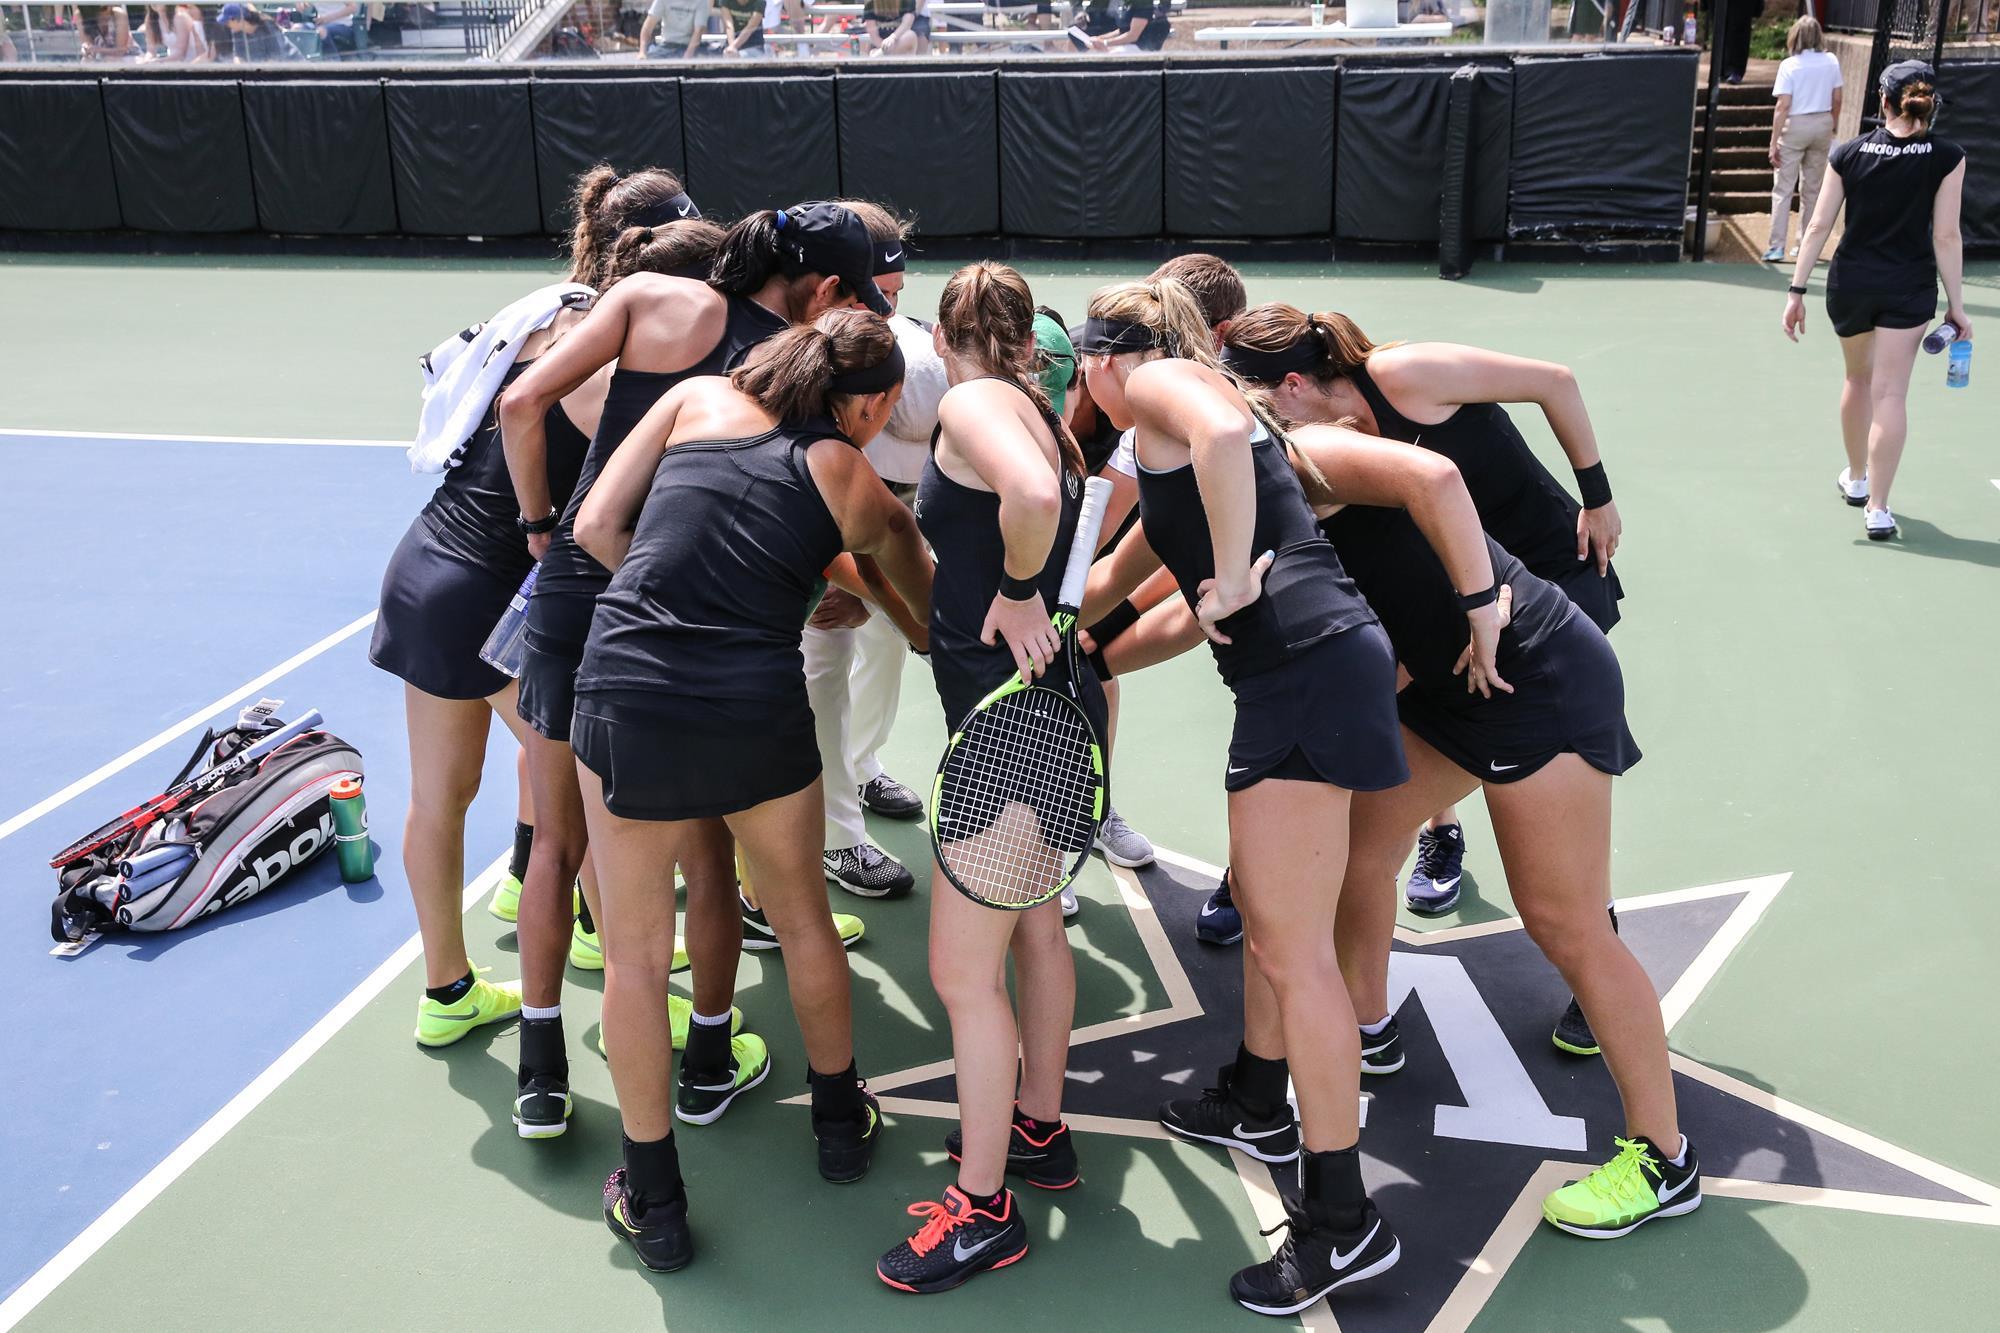 VU tennis team hudle